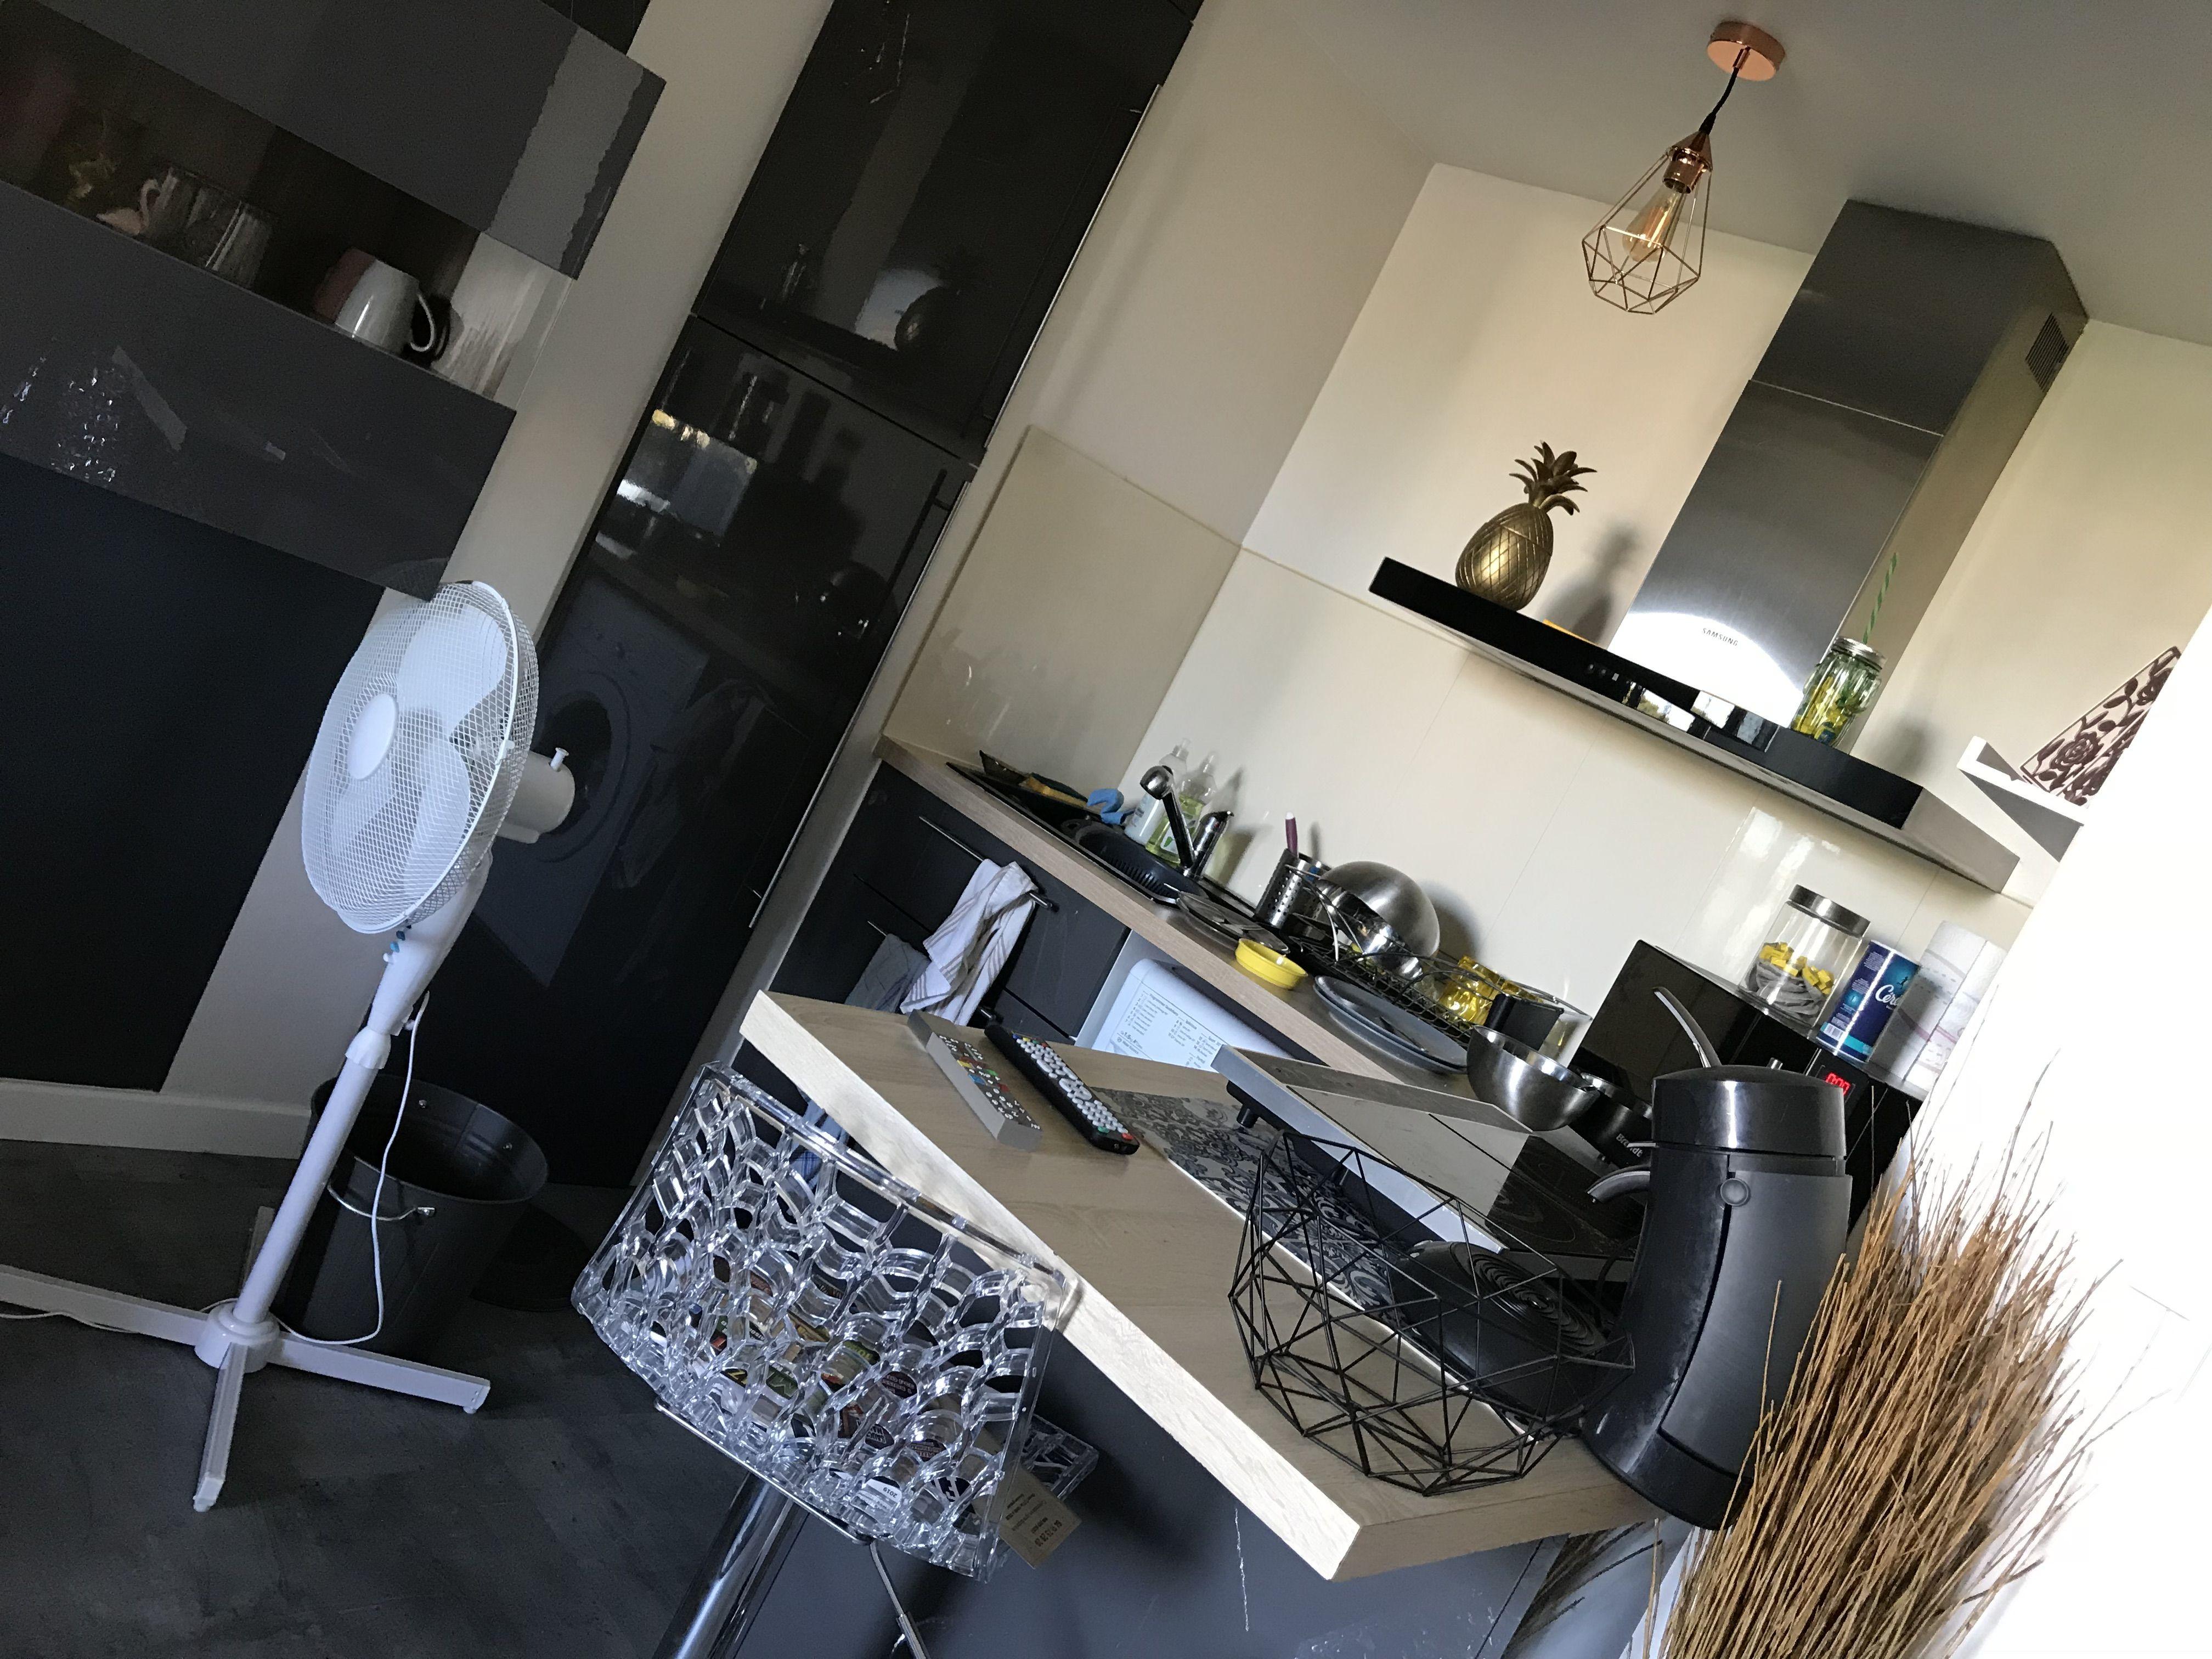 Une cuisine minimaliste de style nordique pour votre studio